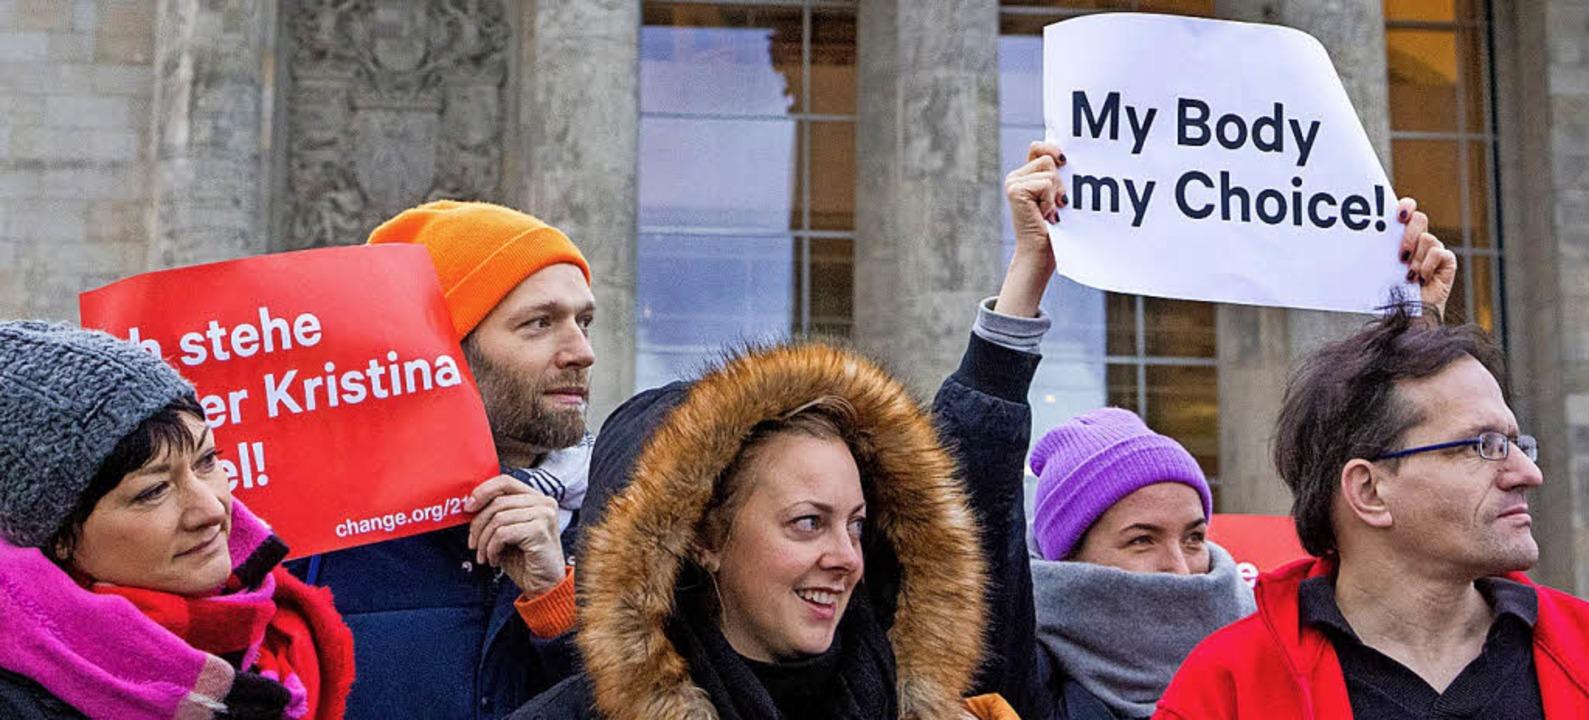 Diese Demonstranten wollen eine Abschaffung des Werbeverbots für Abtreibungen.  | Foto: Archivbild: dpa